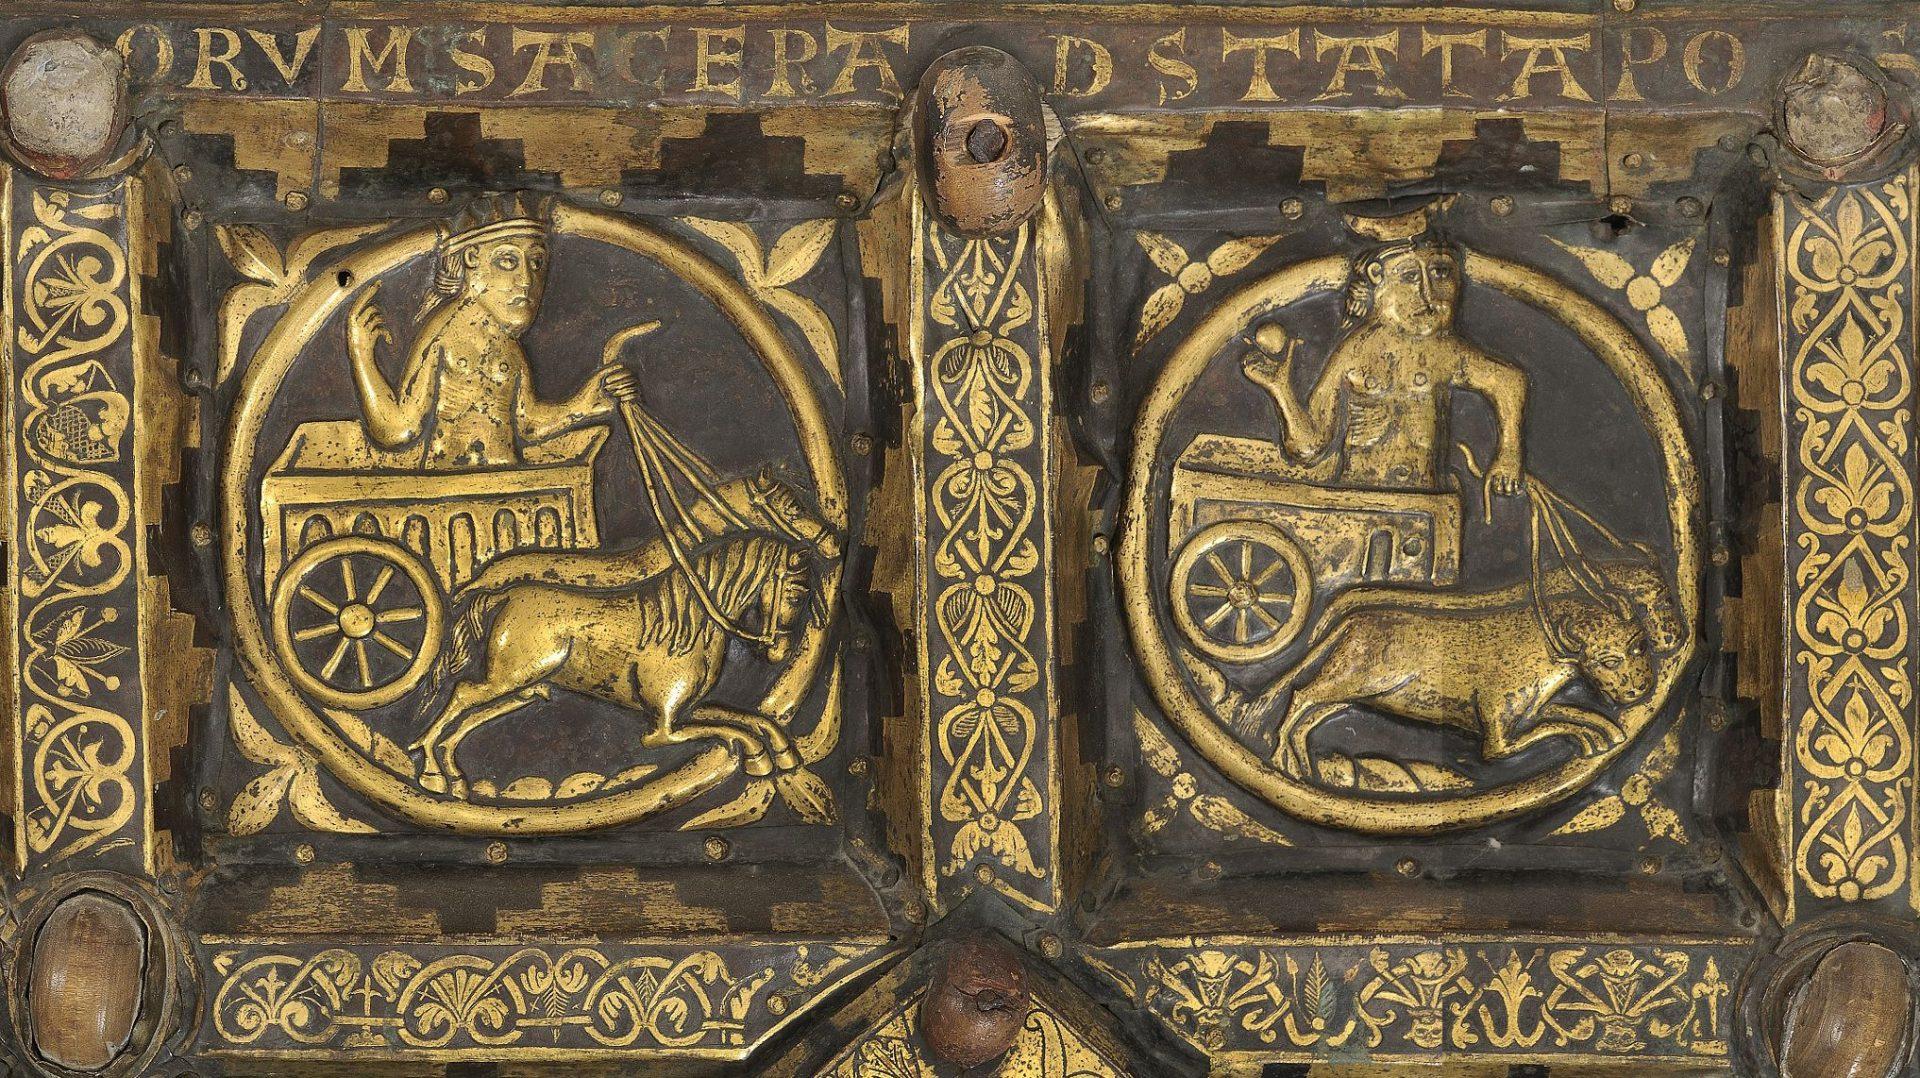 Detalj av Broddetorpsaltaret föreställande solen och månen i form av två människor i vagnar.